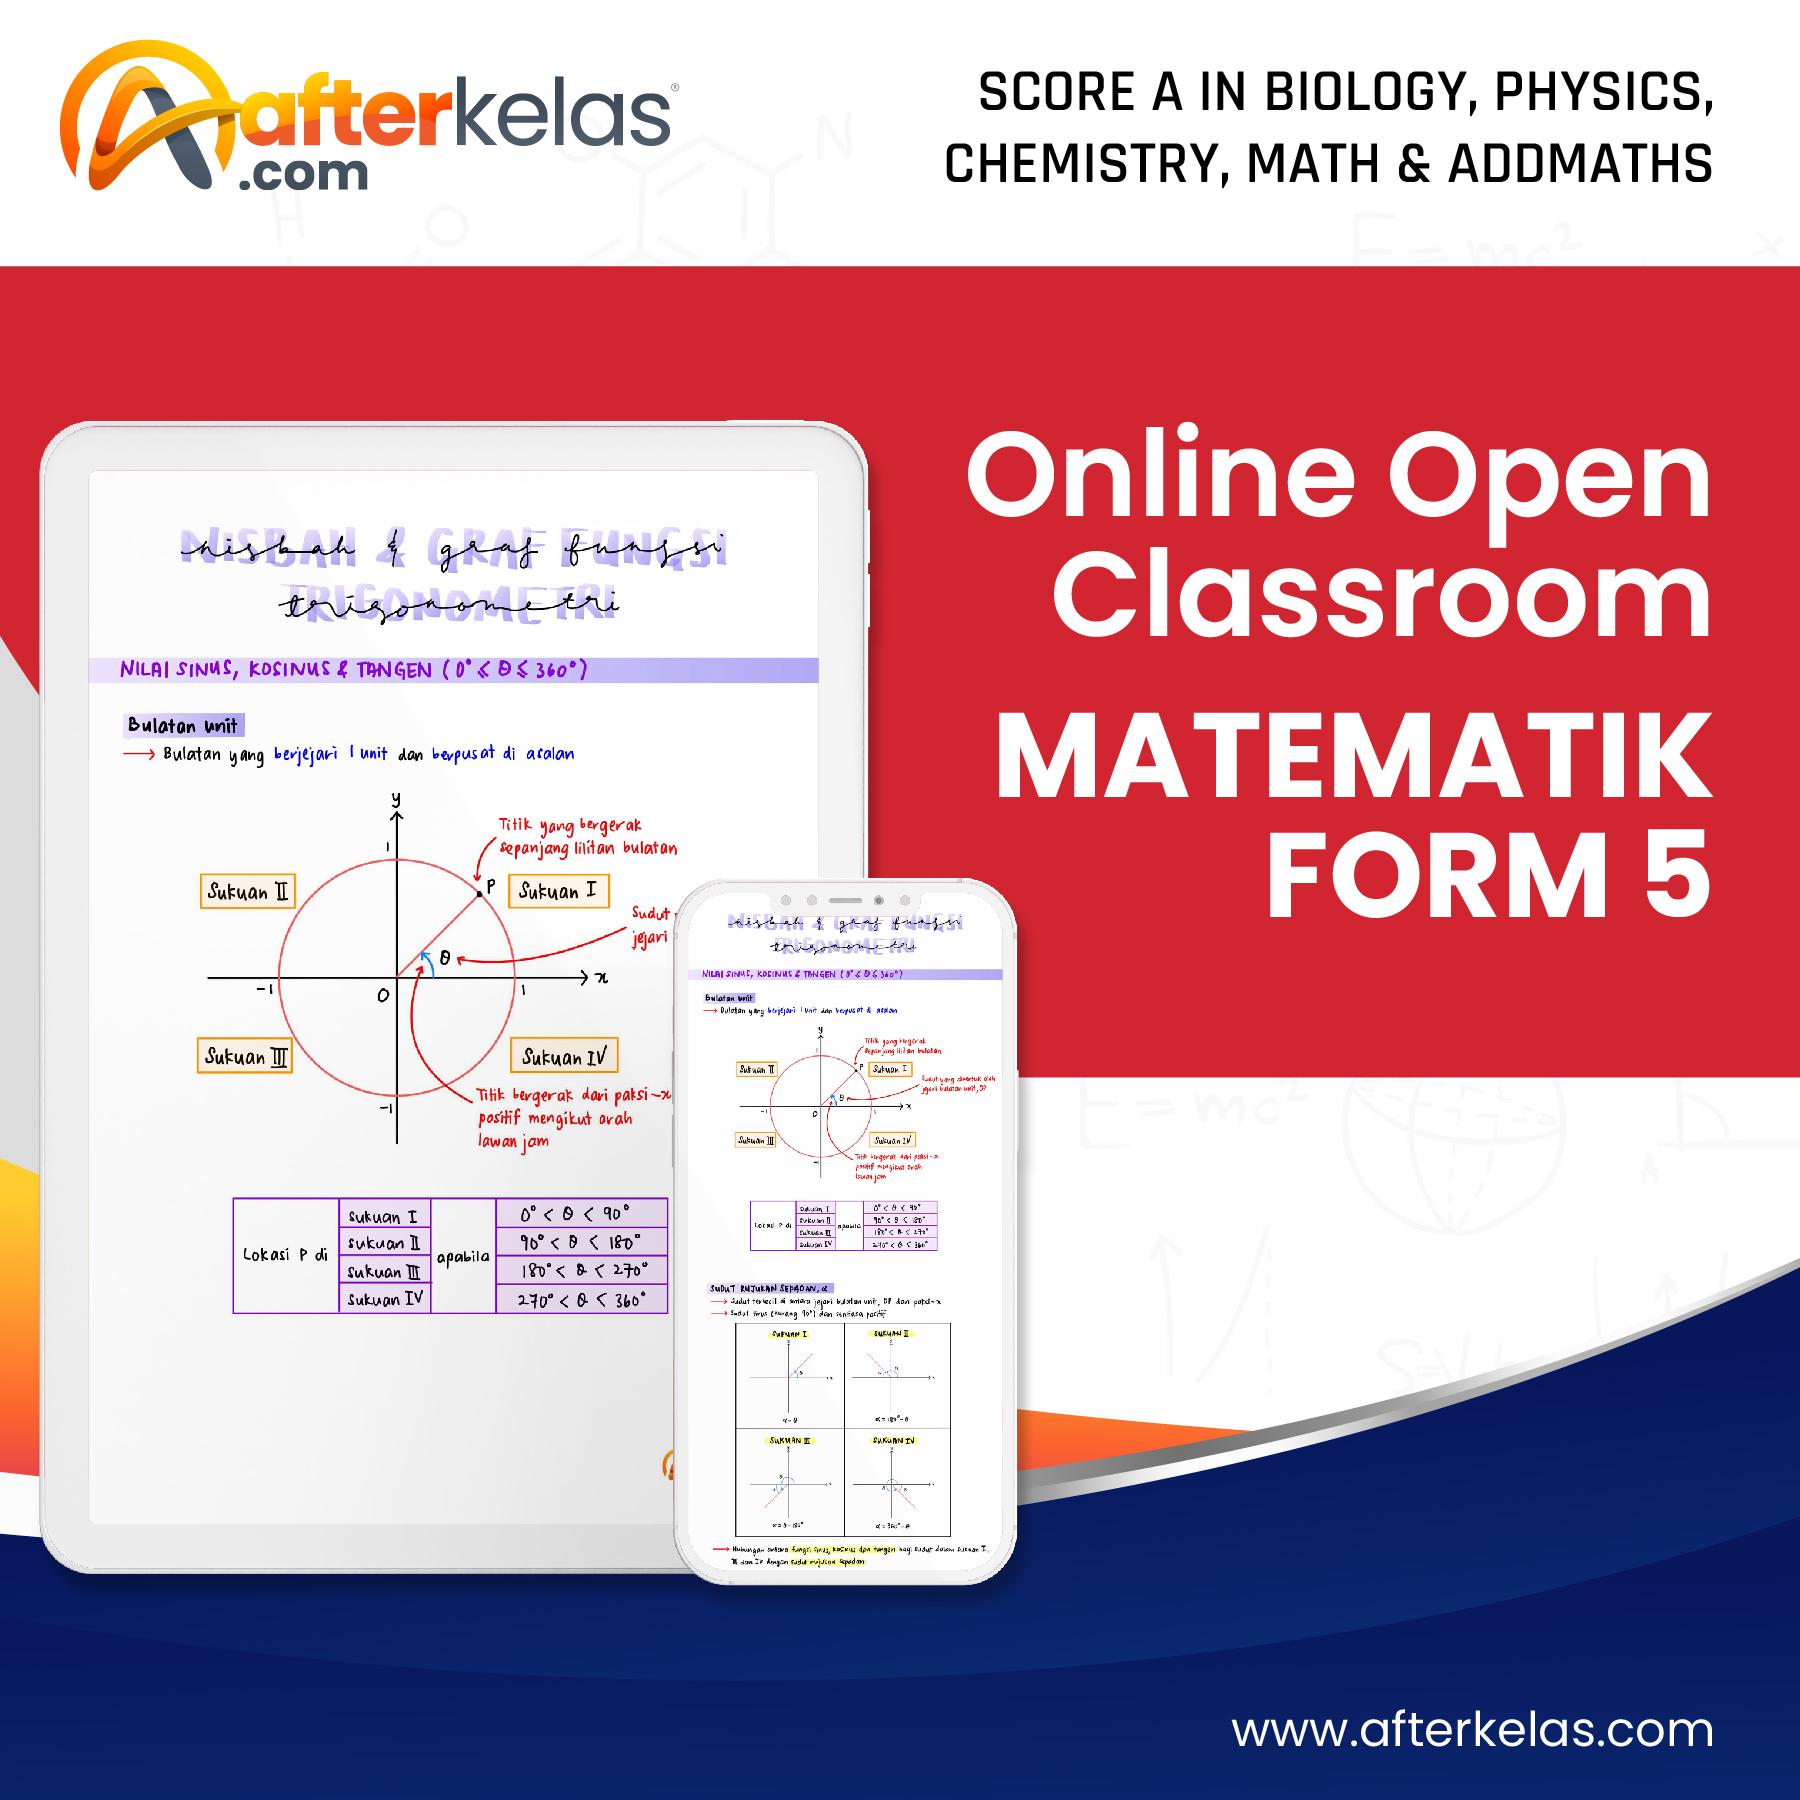 f5 matematik